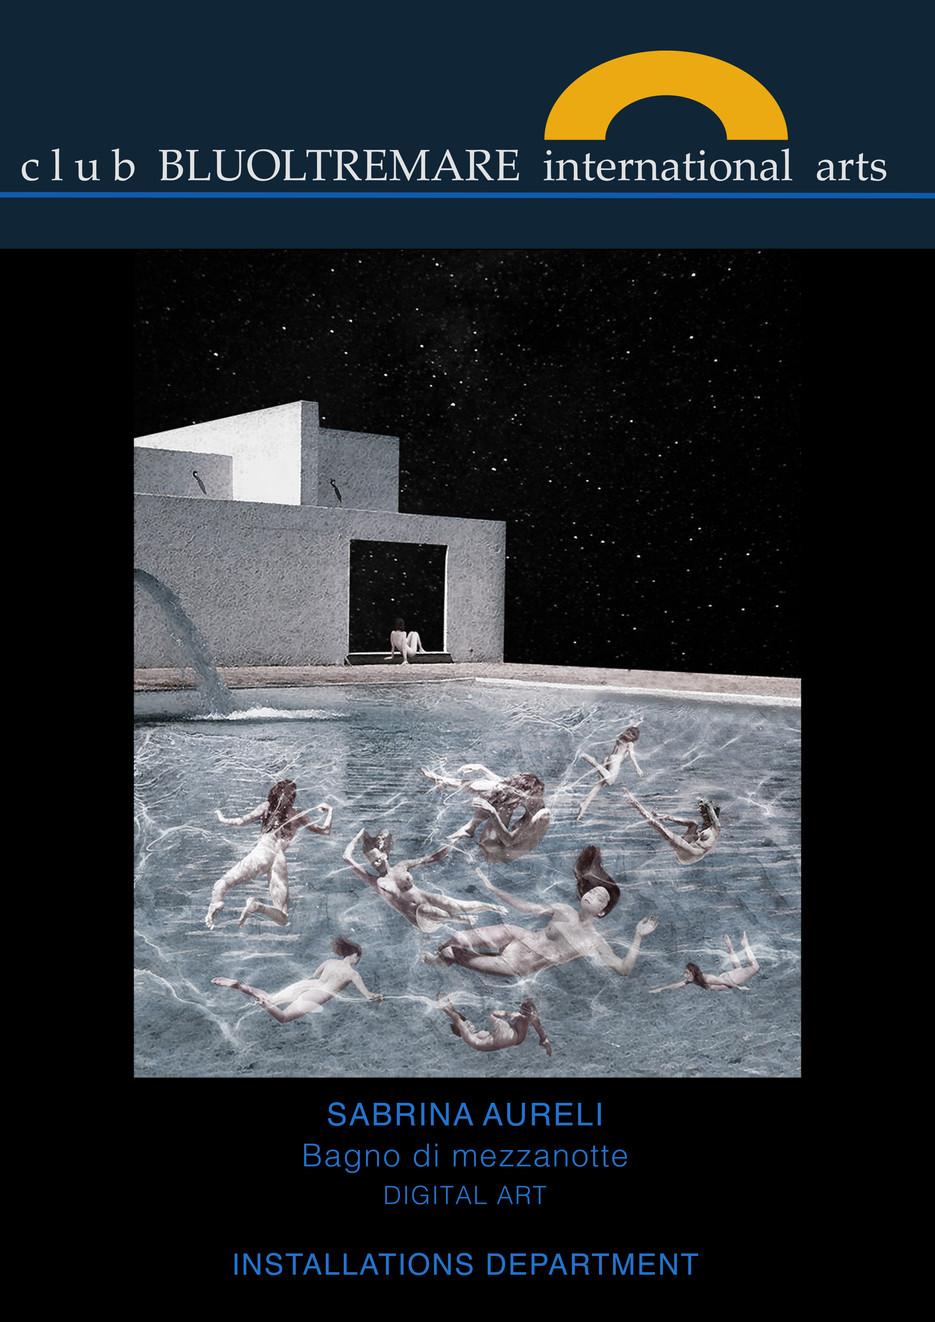 Bagno di mezzanotte